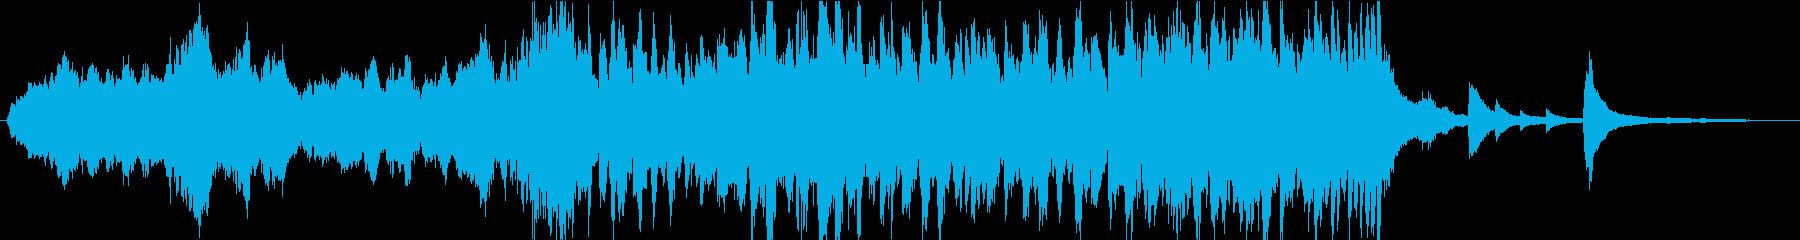 感動 泣ける追憶を感じるピアノ(短縮版)の再生済みの波形